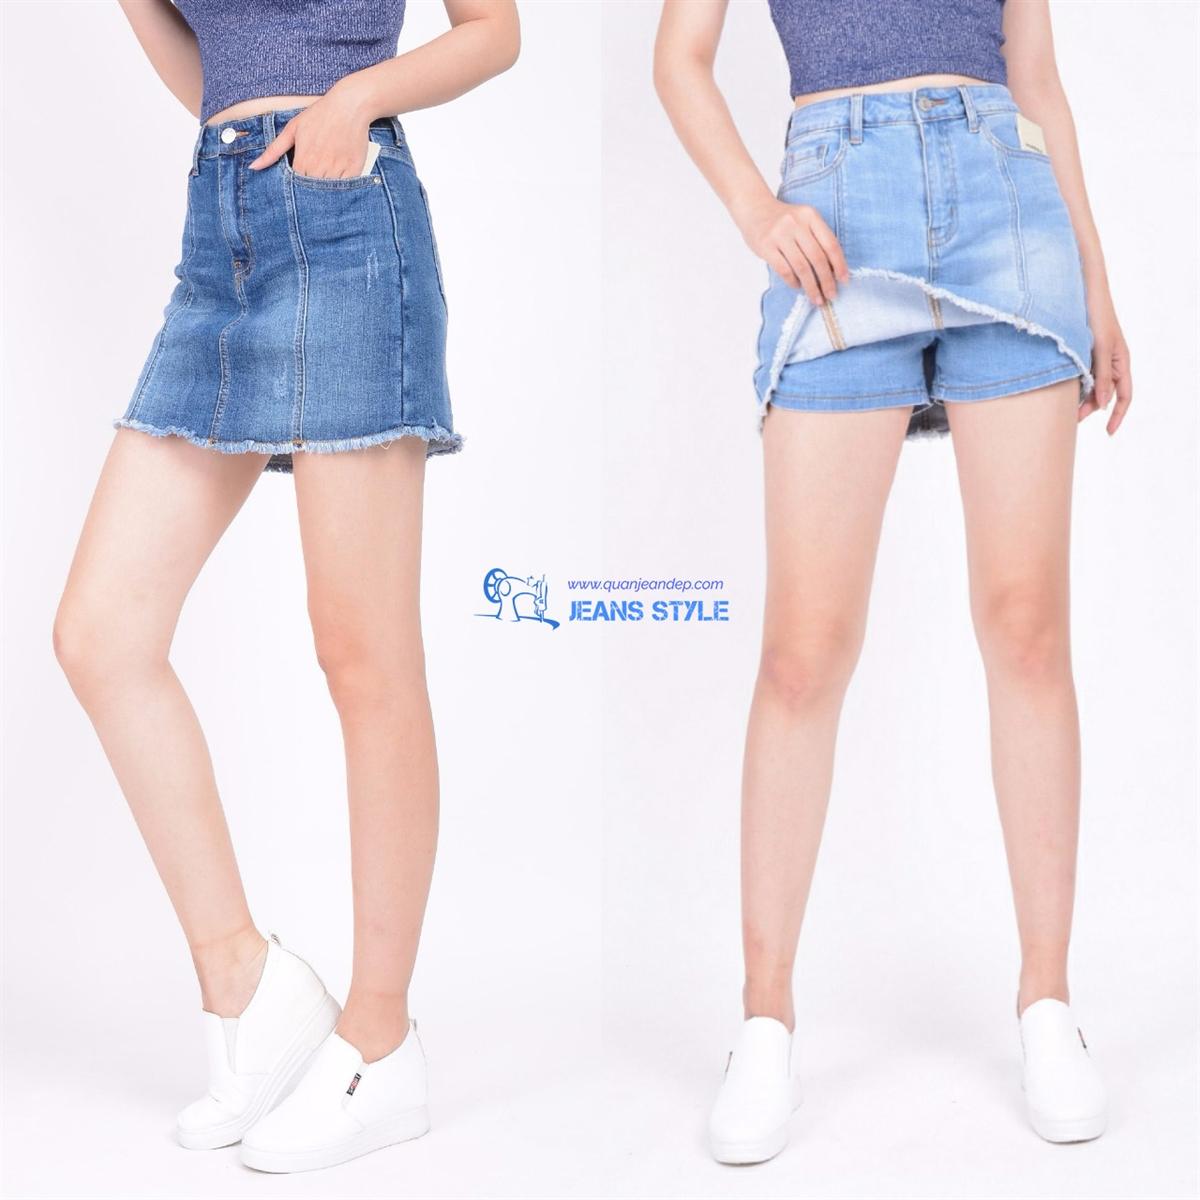 Sooc váy jeans phối gân - mài xước - tua gấu 011 Giá:238.000,00 ₫